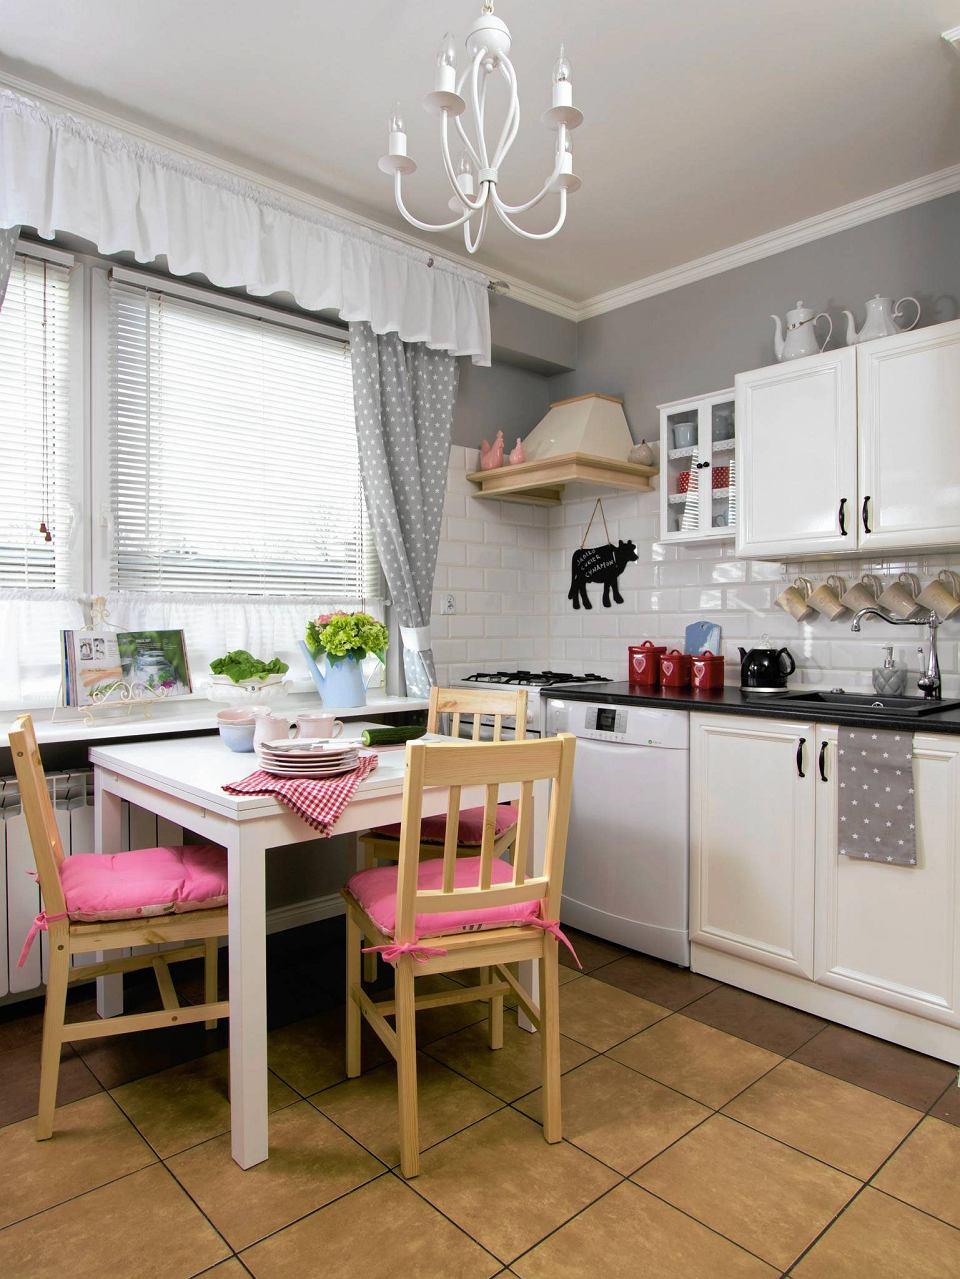 Ciepla I Przytulna Kuchnia Idealna Na Rodzinne Spotkania